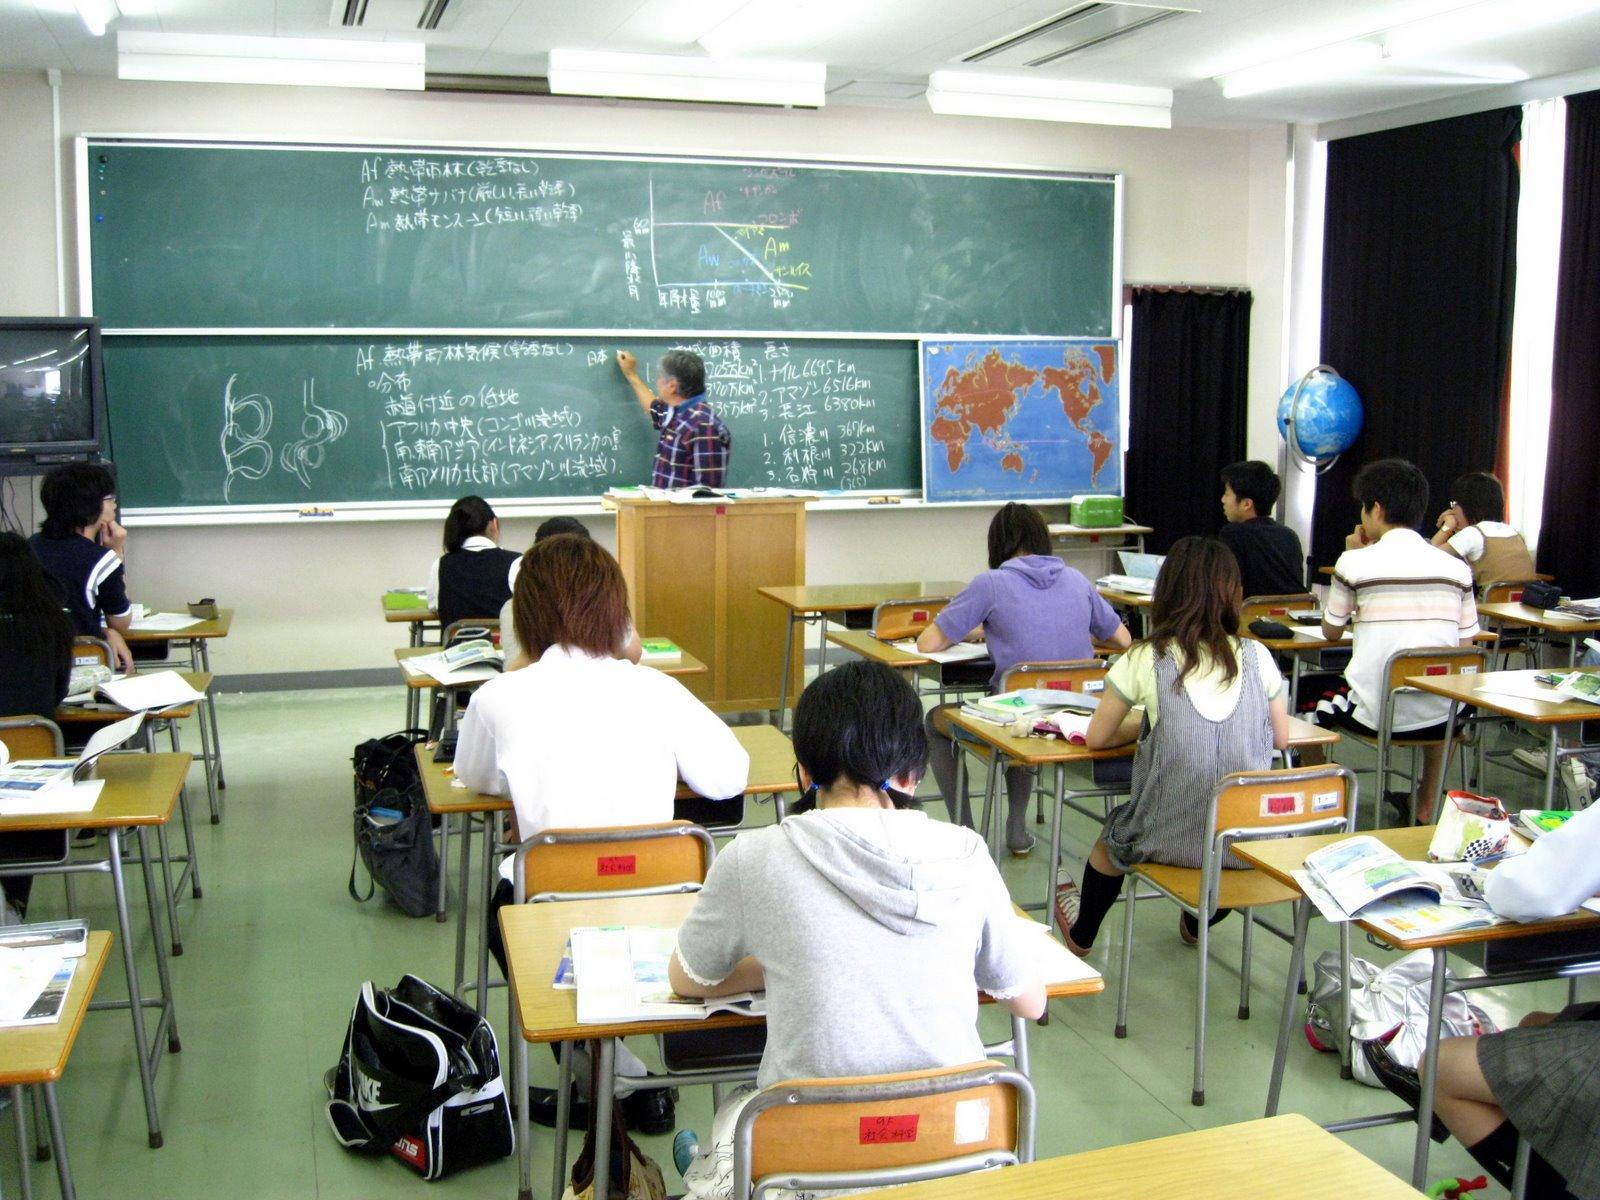 Profesora y alumno cojiendo en un aula espia - 2 part 7